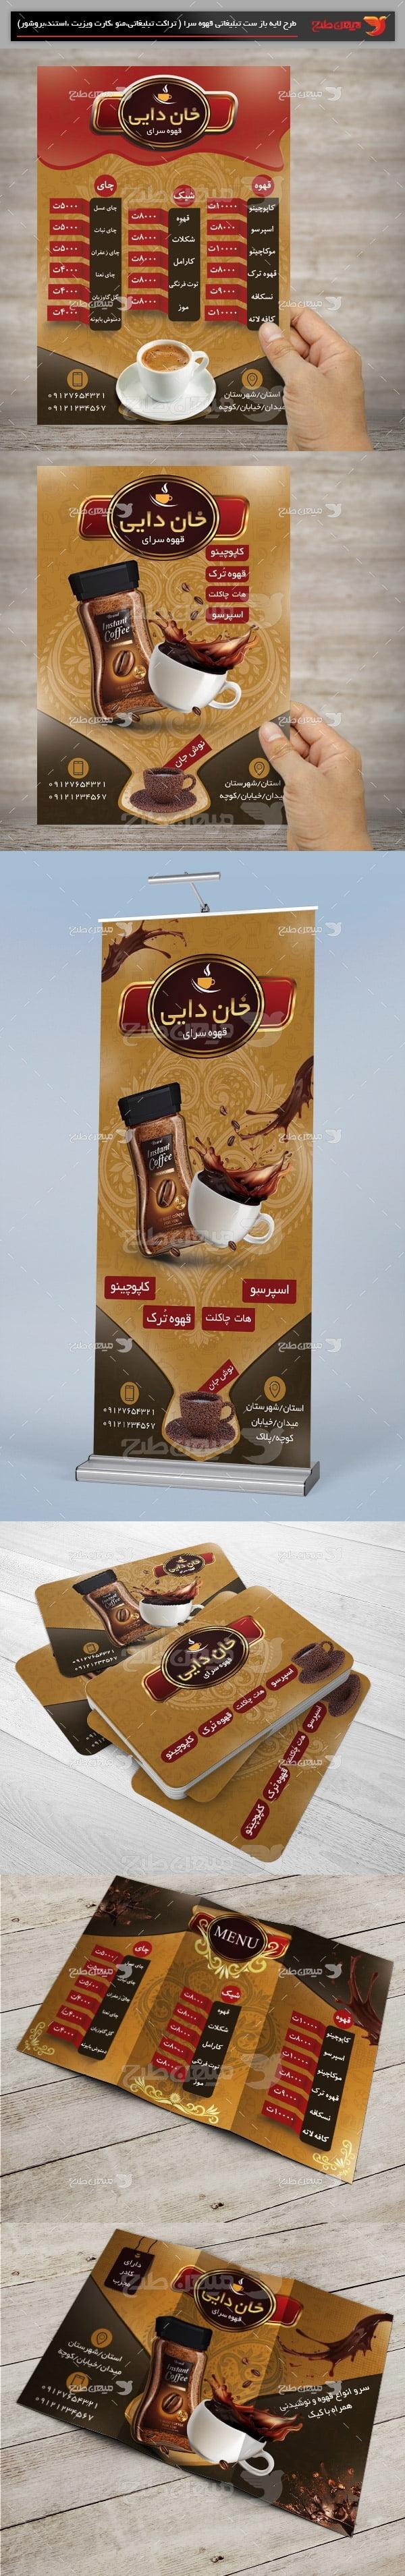 طرح لایه باز ست تبلیغاتی قهوه خانه